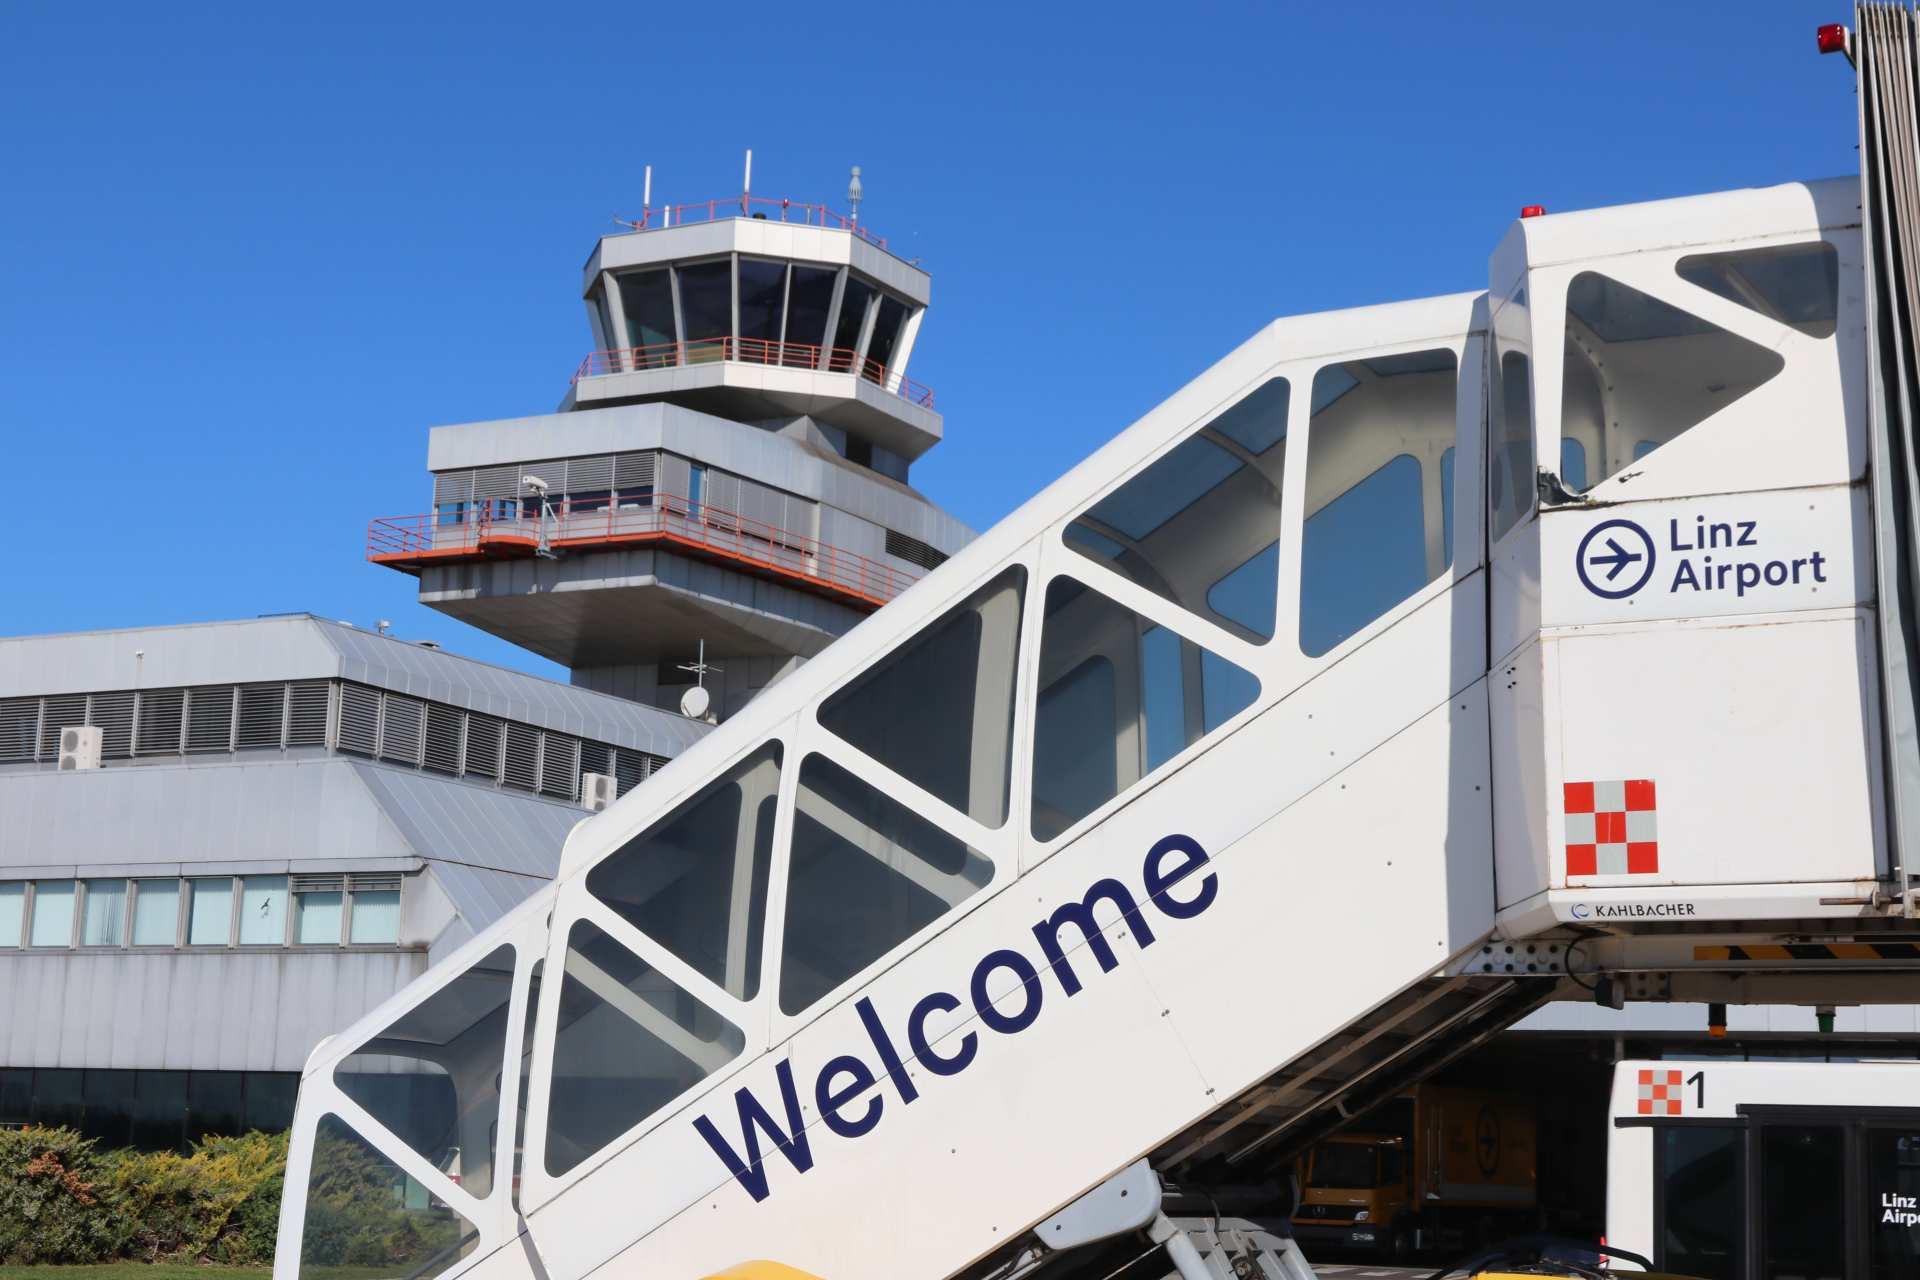 Flughafen Linz Tower